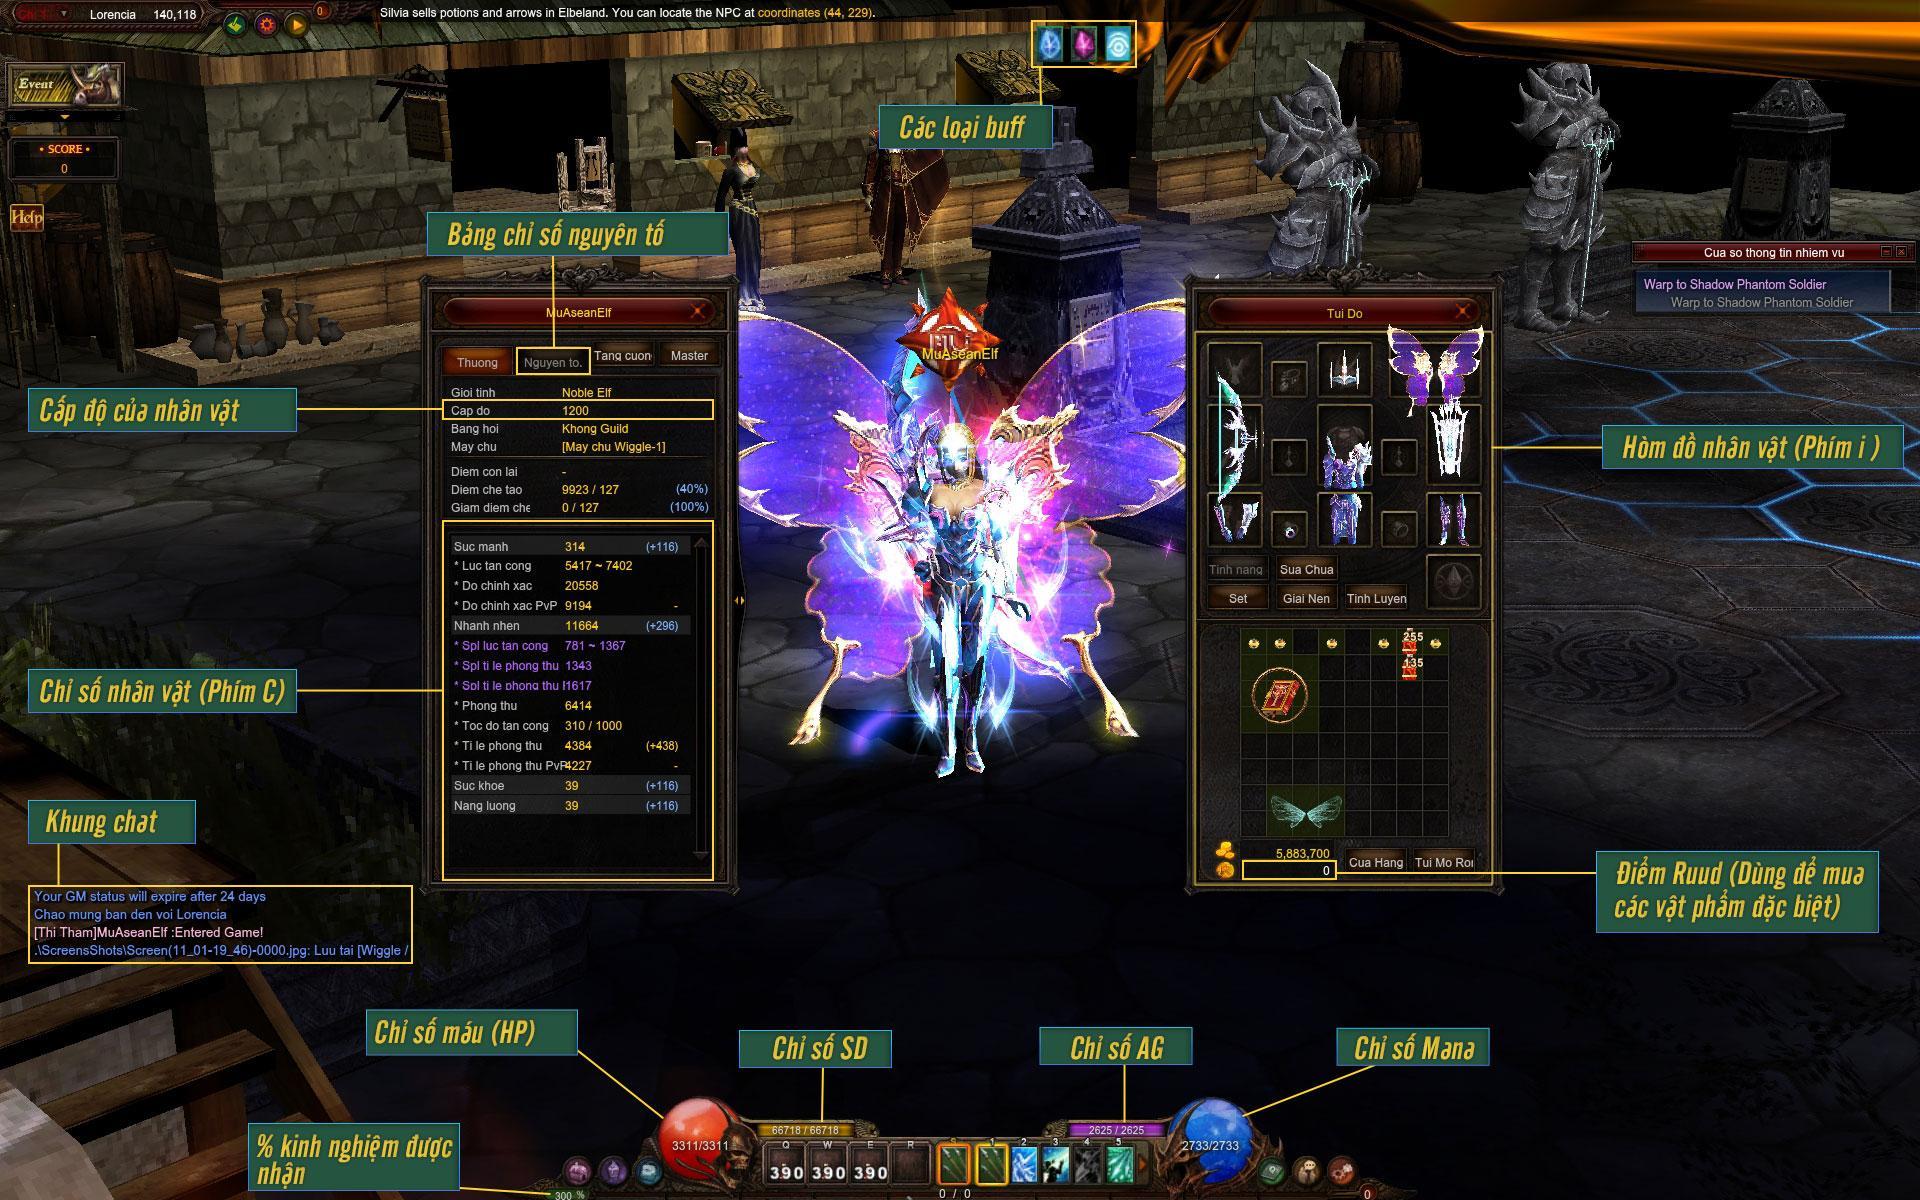 Các thông số cơ bản khi chơi MU Online